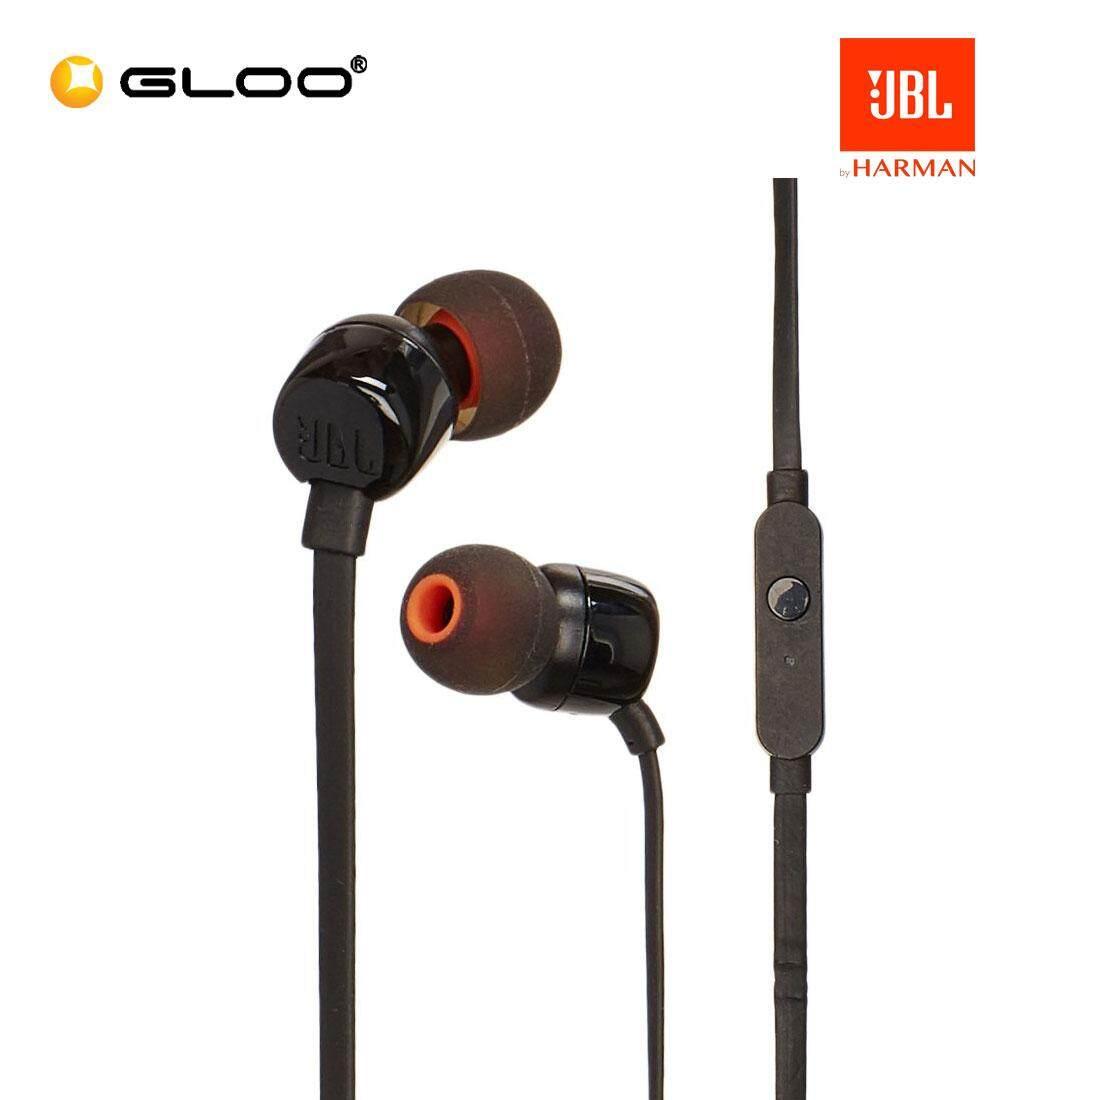 JBL T110 In-Ear Headphones Black/Blue/Red